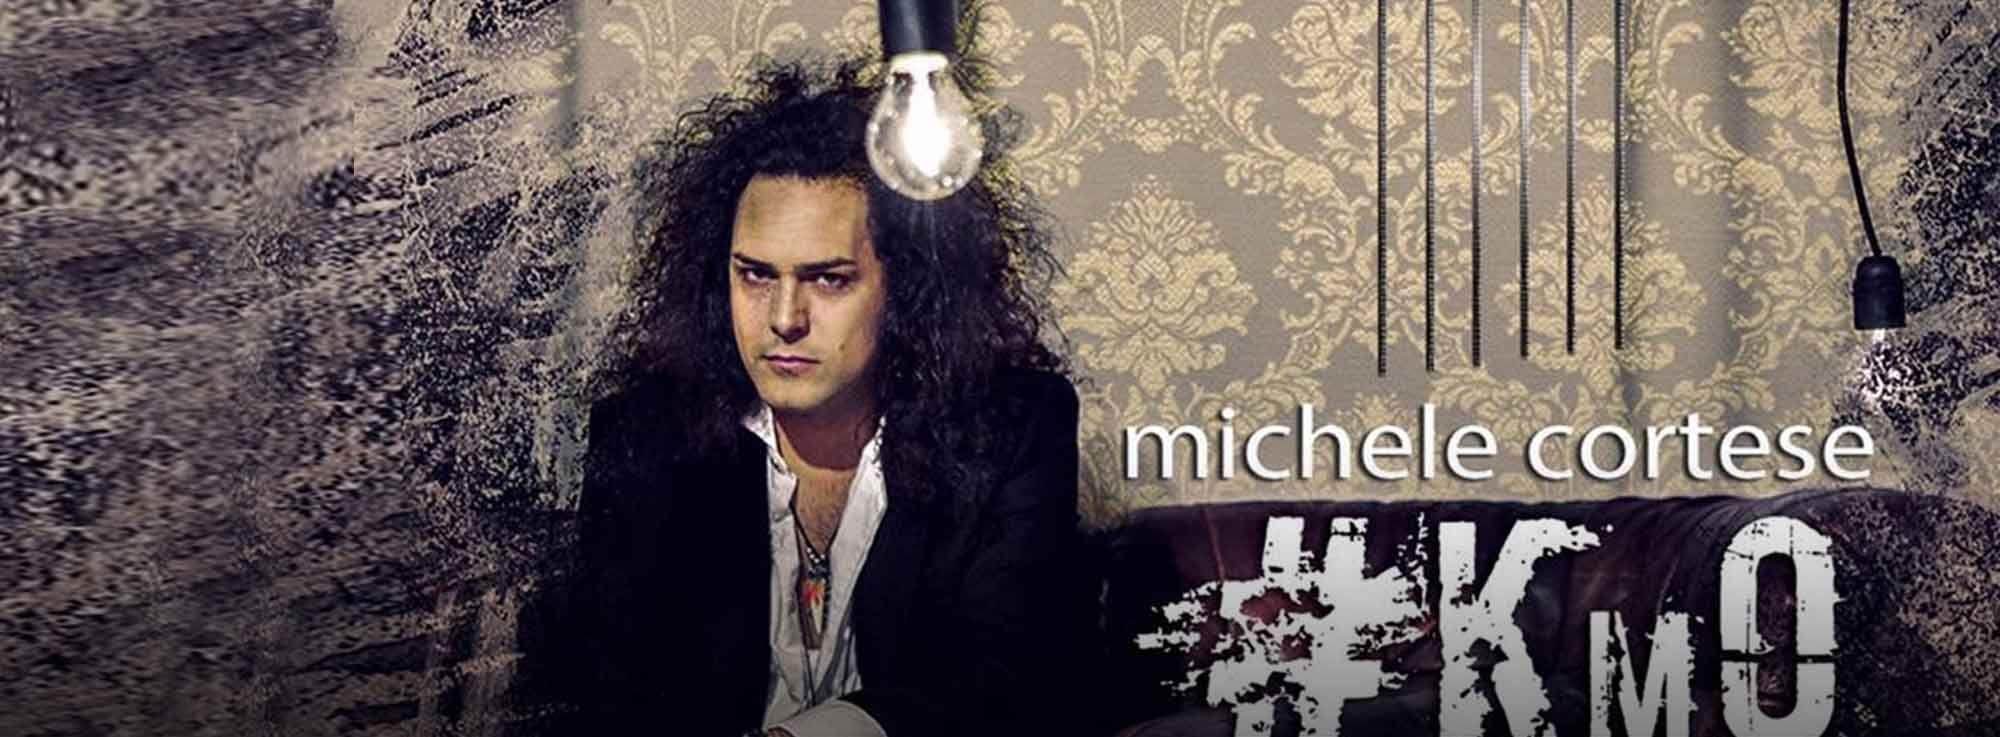 Lecce: Michele Cortese Live